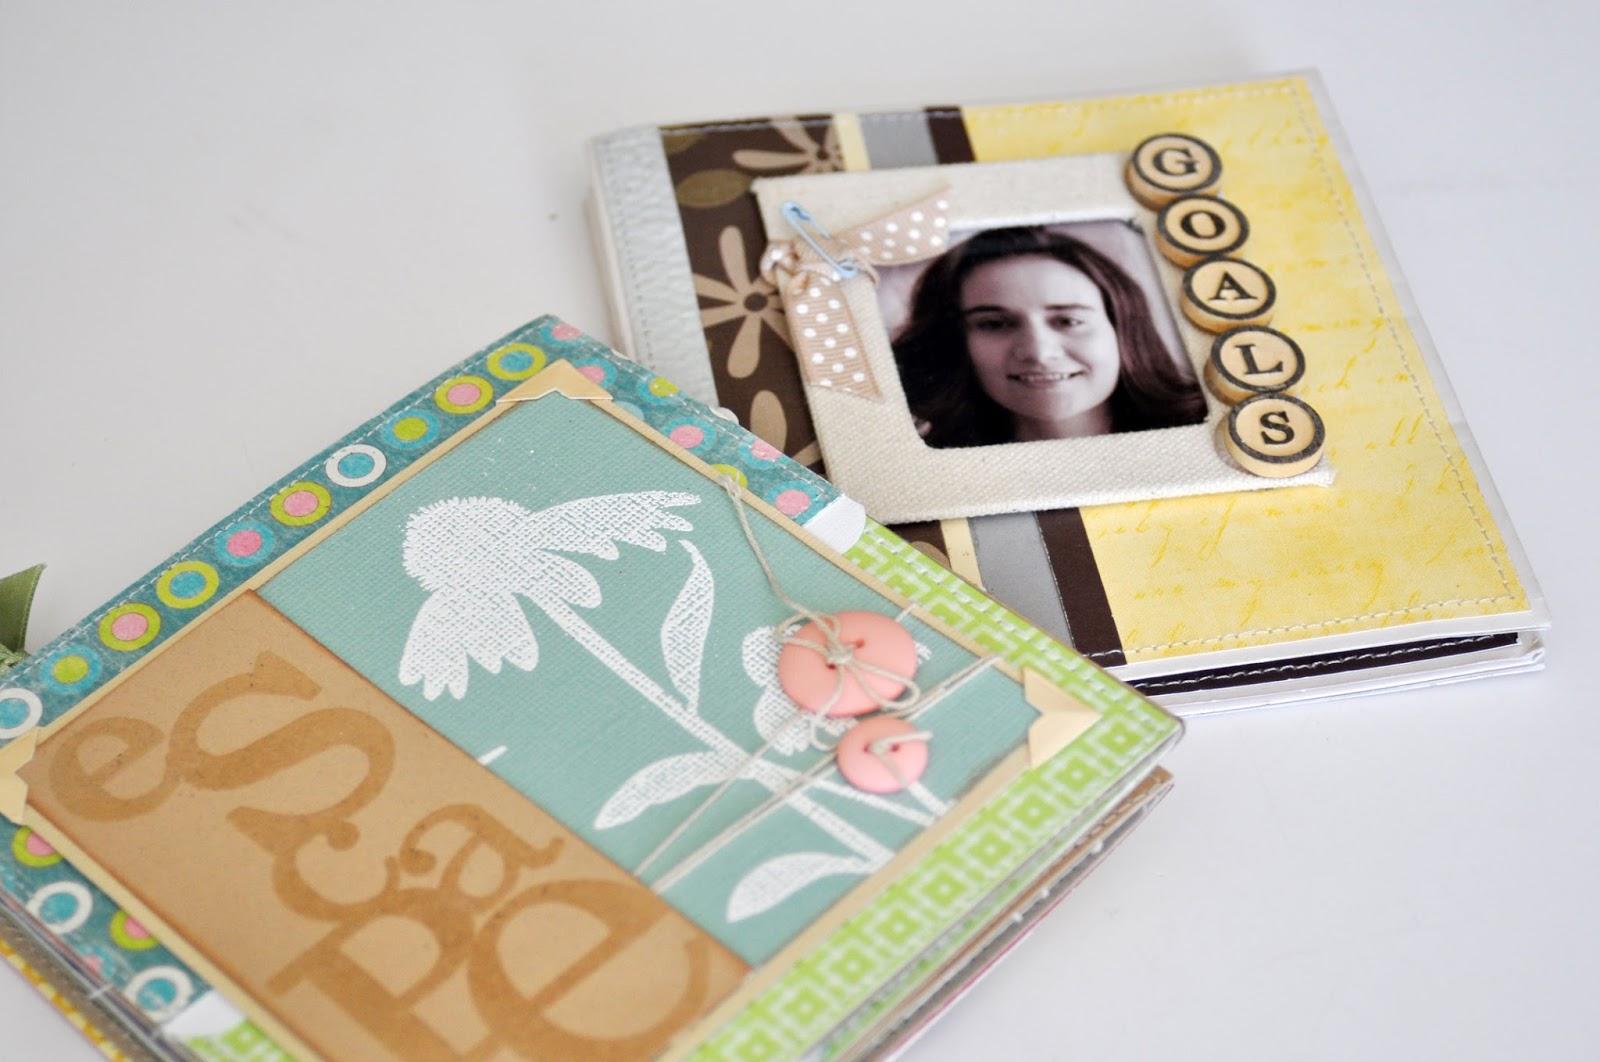 http://3.bp.blogspot.com/-KAJcHLwKGZA/VR73716k8SI/AAAAAAAAUck/KM45t7qjWao/s1600/Accordion-Mini-Albums-by-Jen-Gallacher.jpg